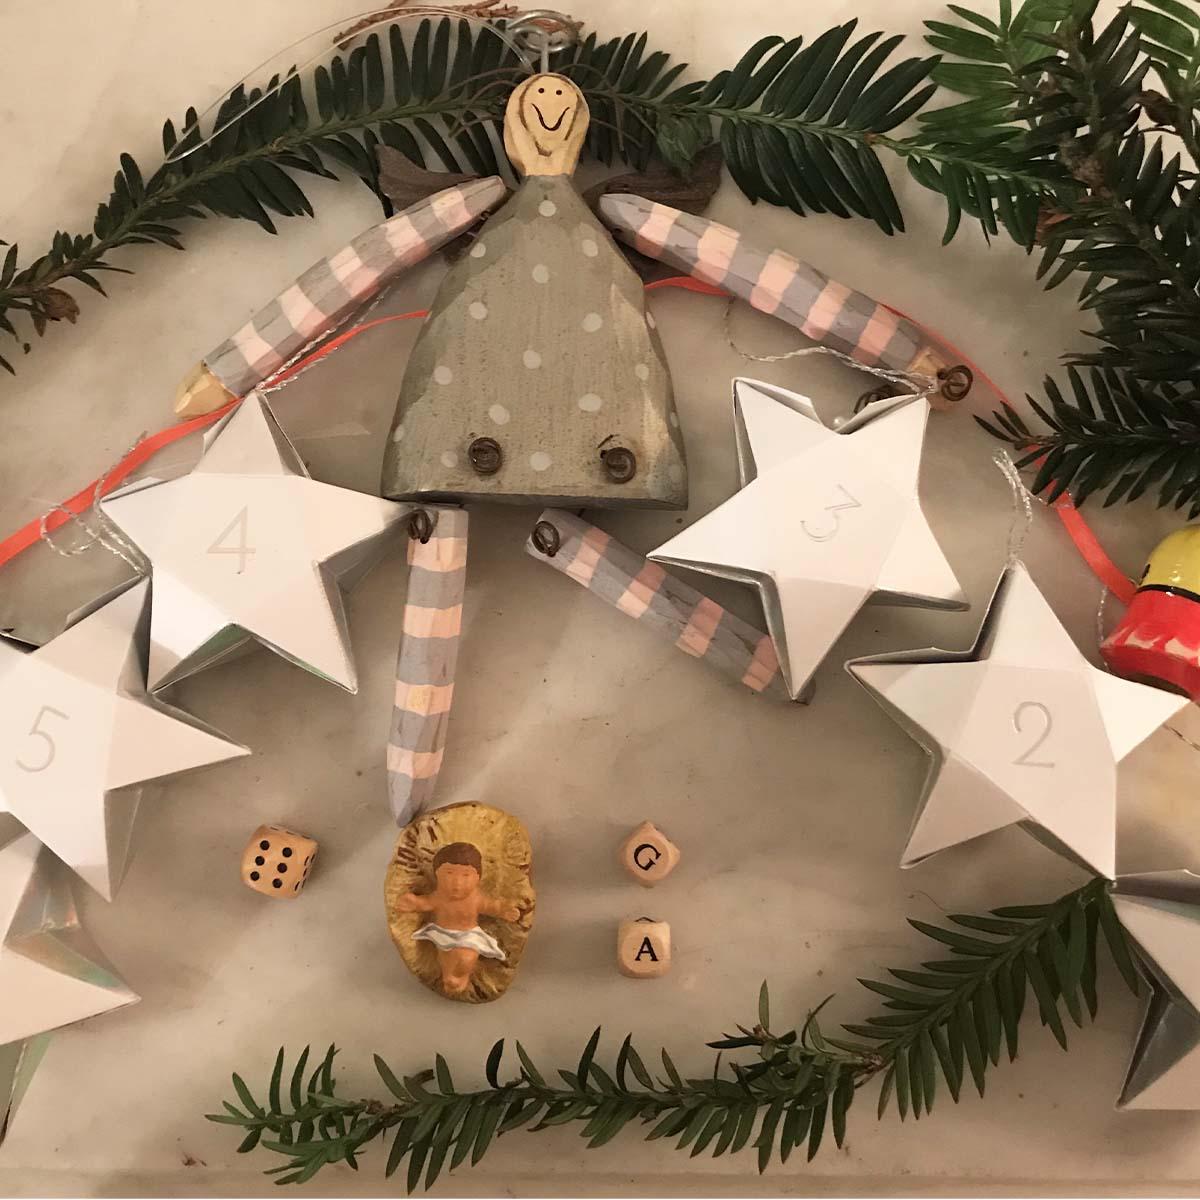 guirlande calendrier de l'avant en forme d'étoiles en carton avec une ficelle orangée